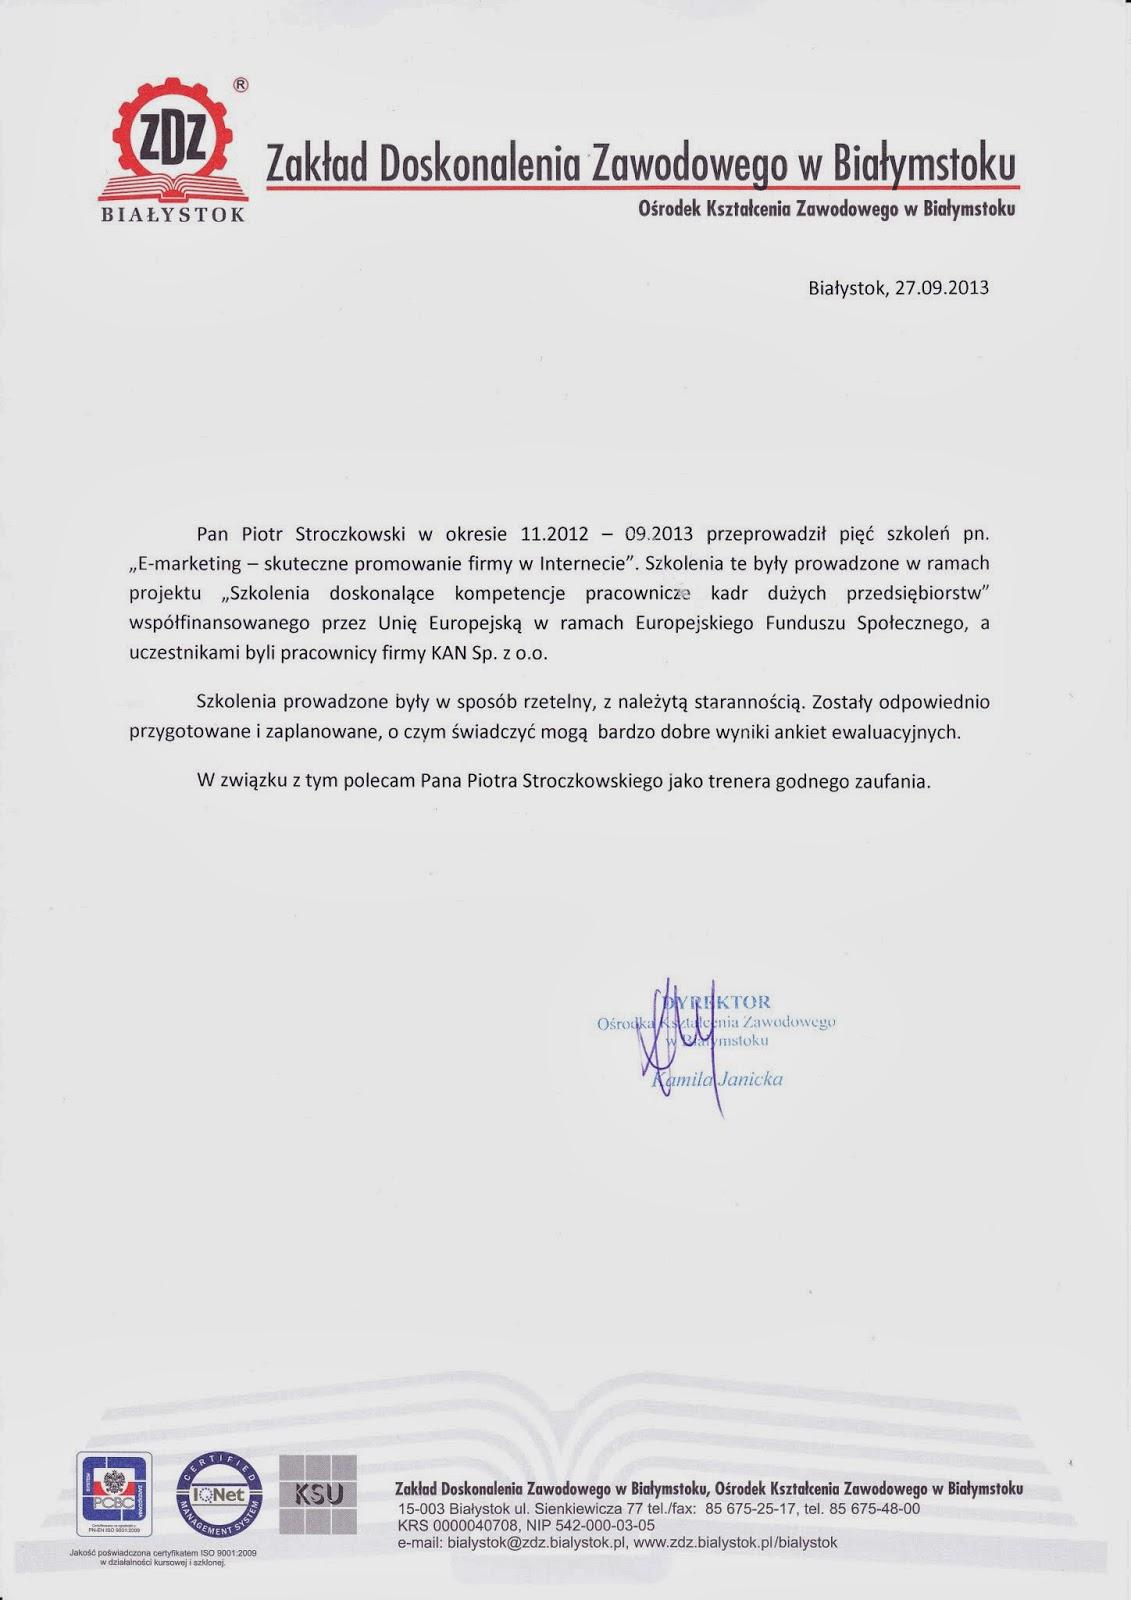 Zakład Doskonalenia Zawodowego w Białymstoku referencje dla MS Consulting